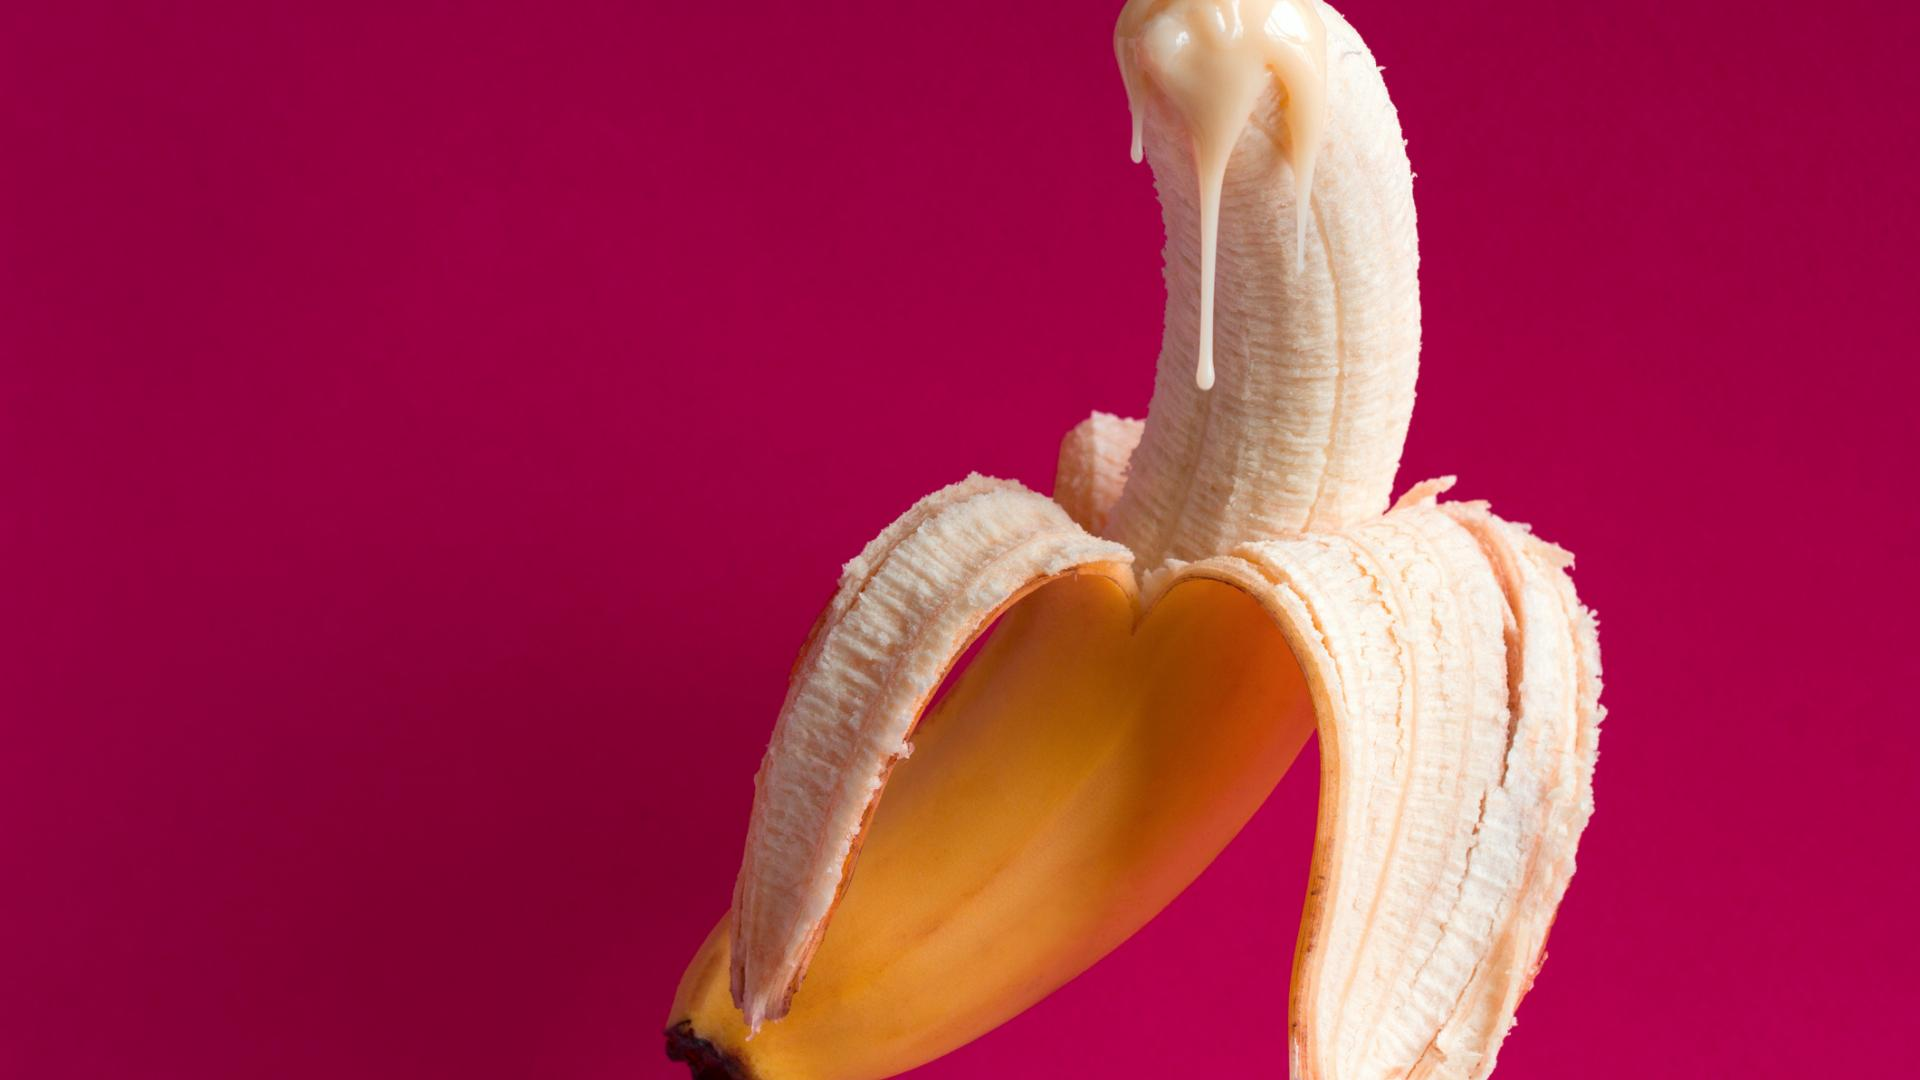 Sprühkondom Sperma Banane Sex